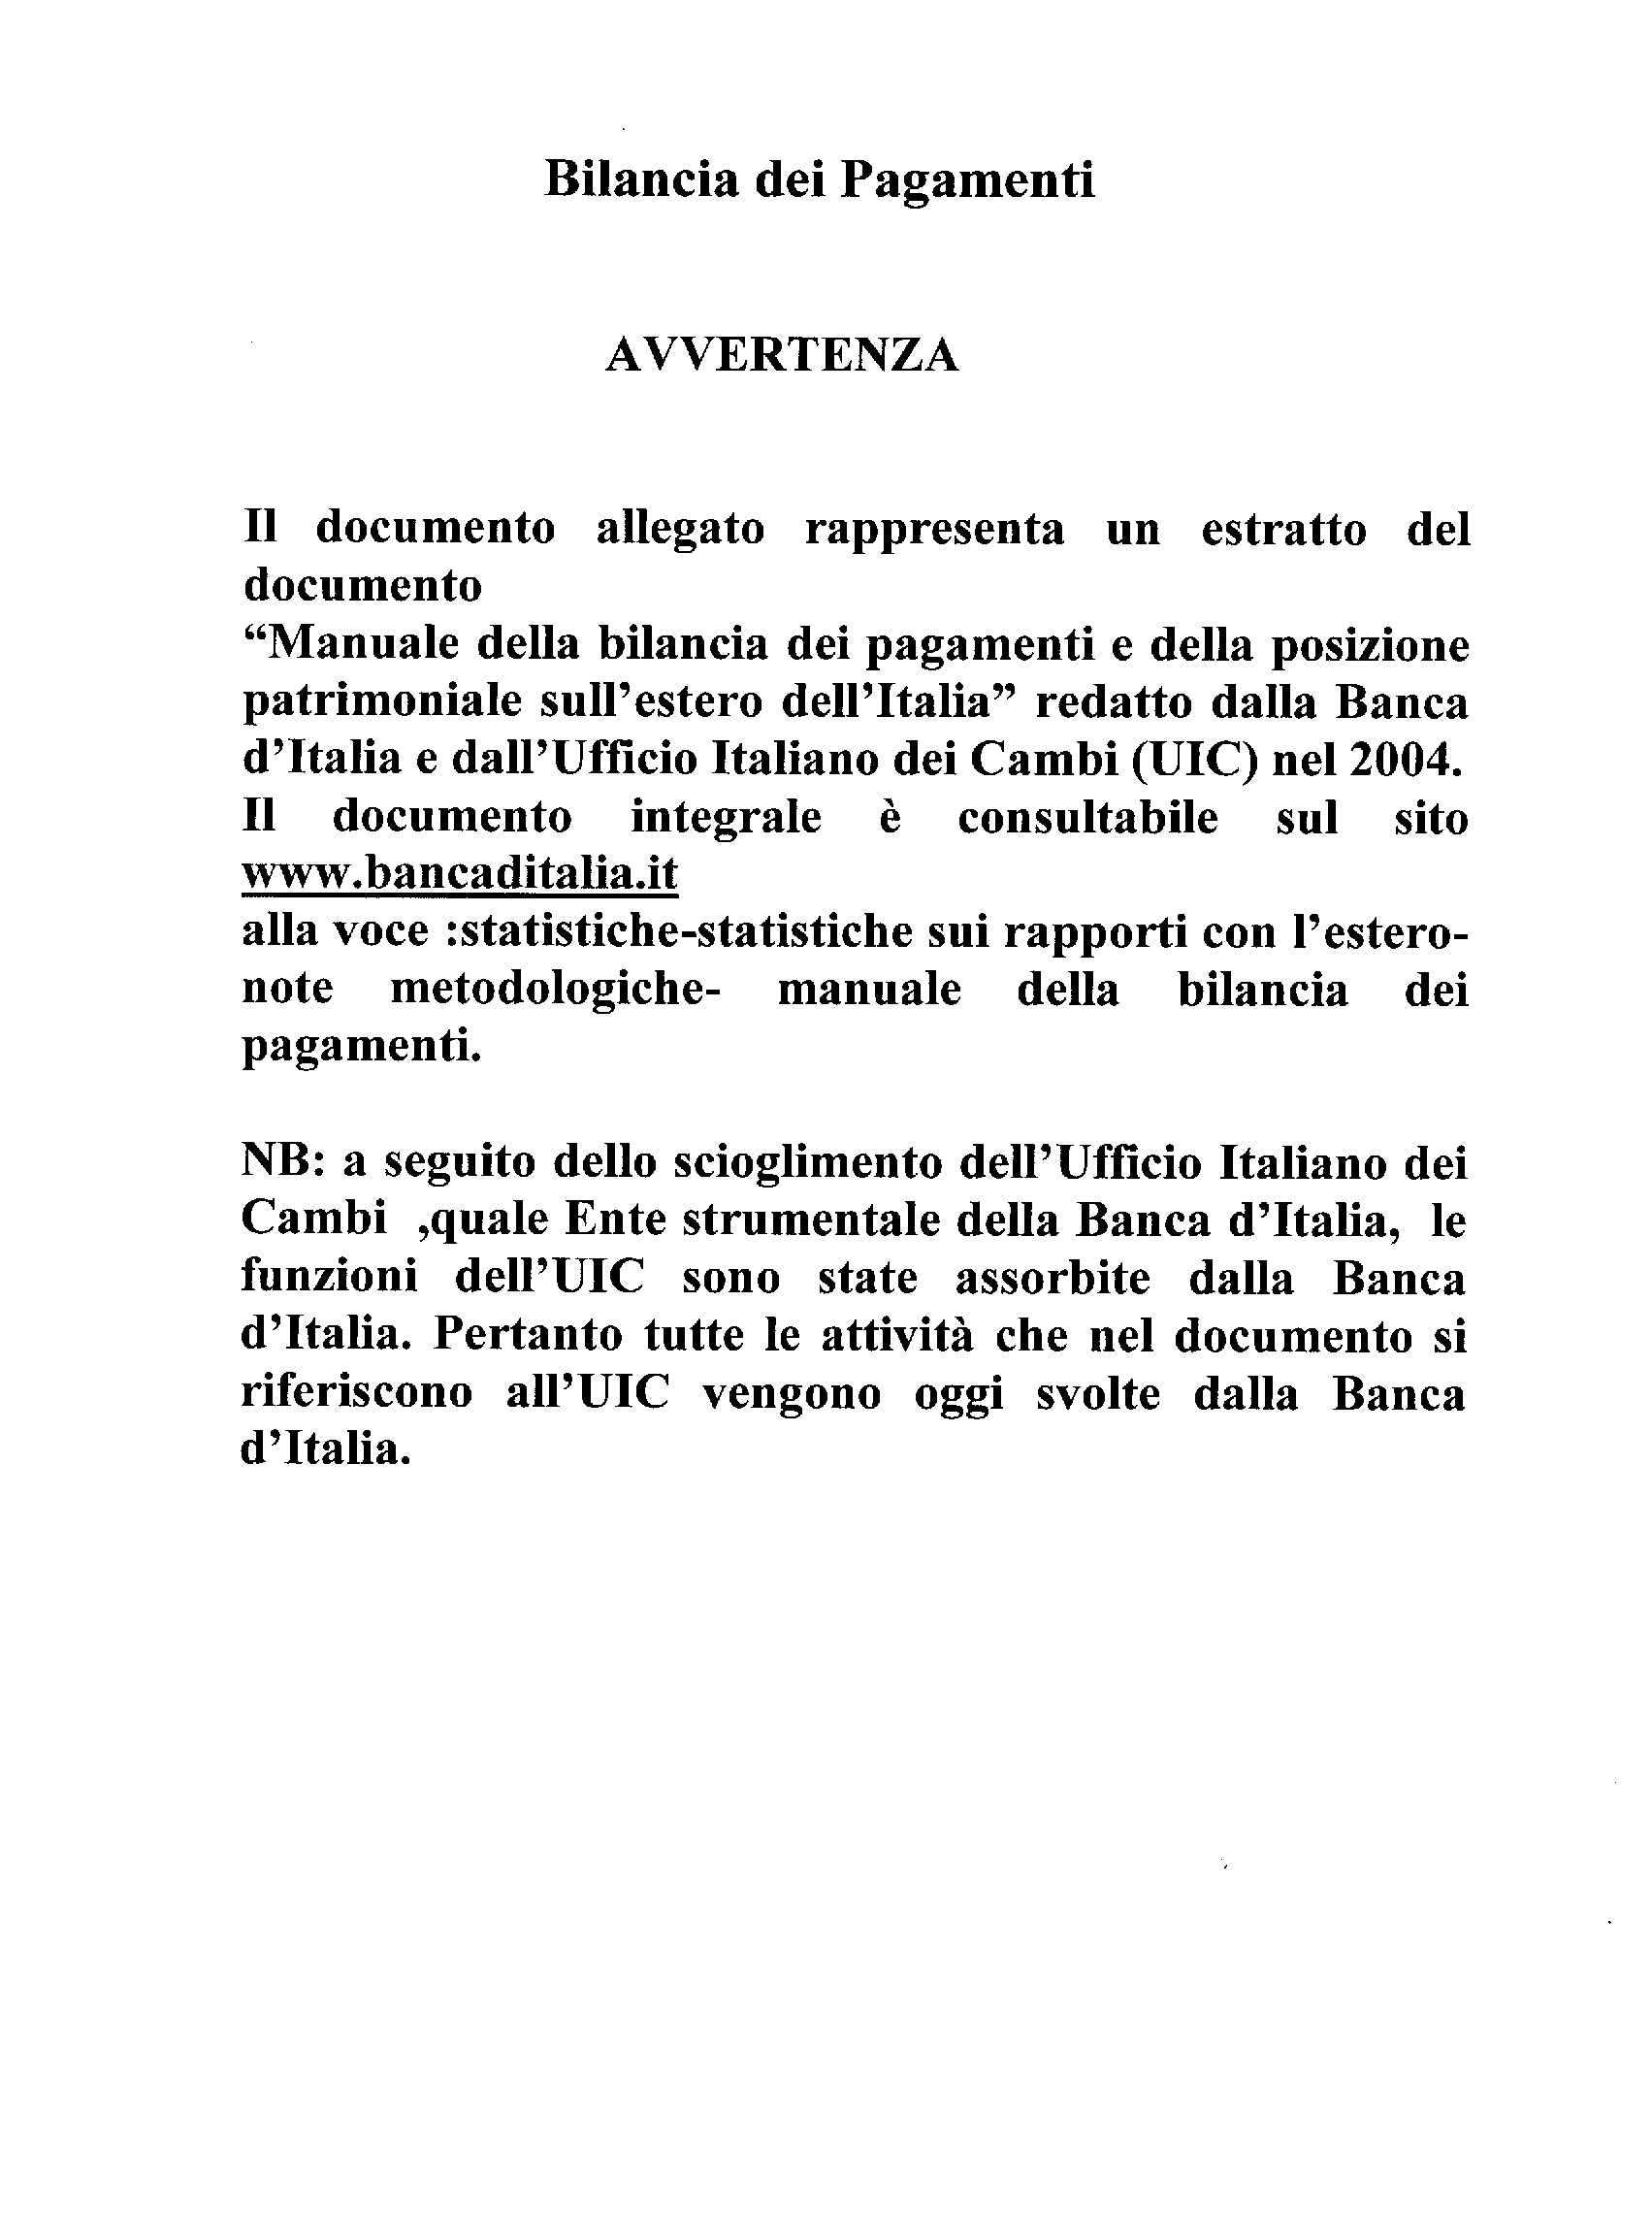 Manuale bilancia dei pagamenti italiana 2004